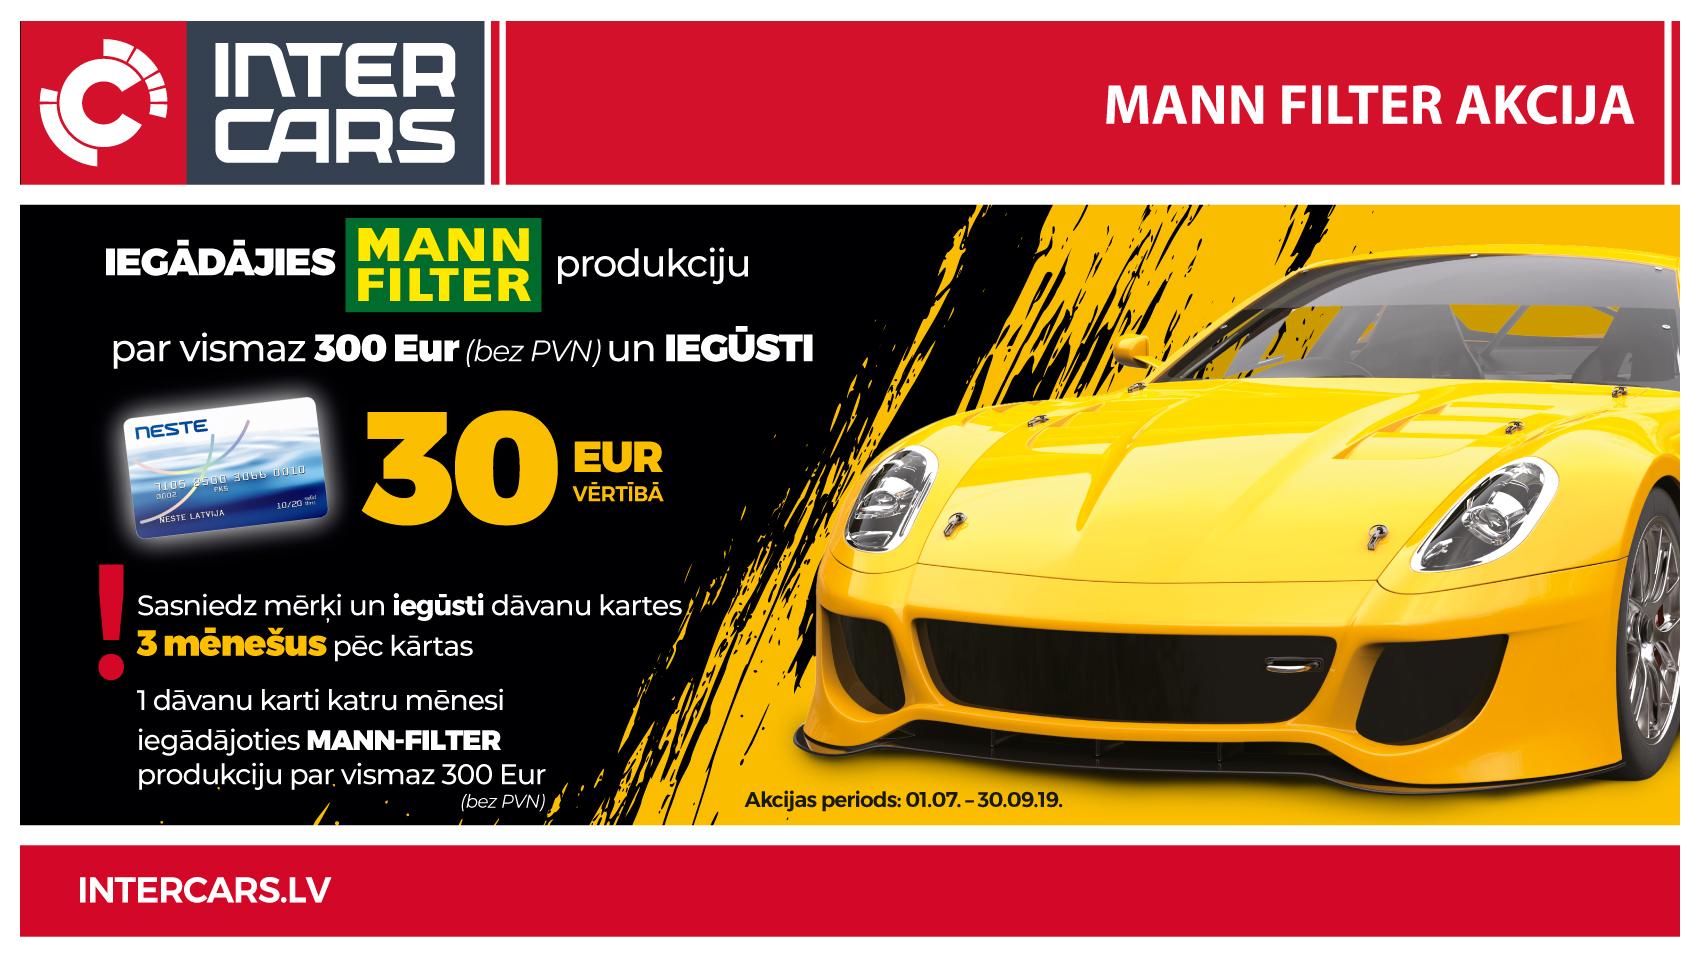 Inter_cars_MANN-FILTER_akcija_1700x956.jpg